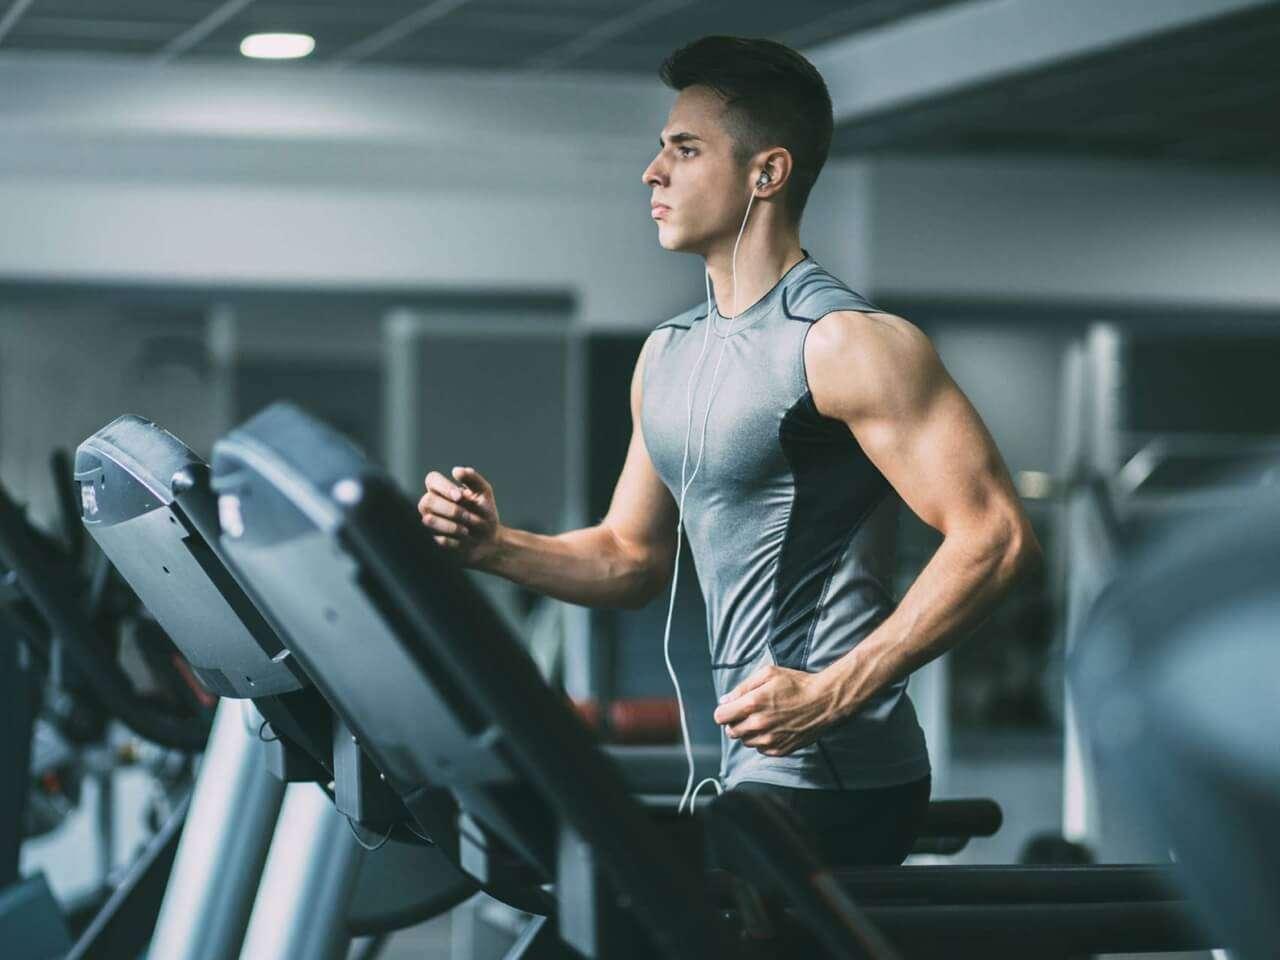 Start a Fitness Center Business